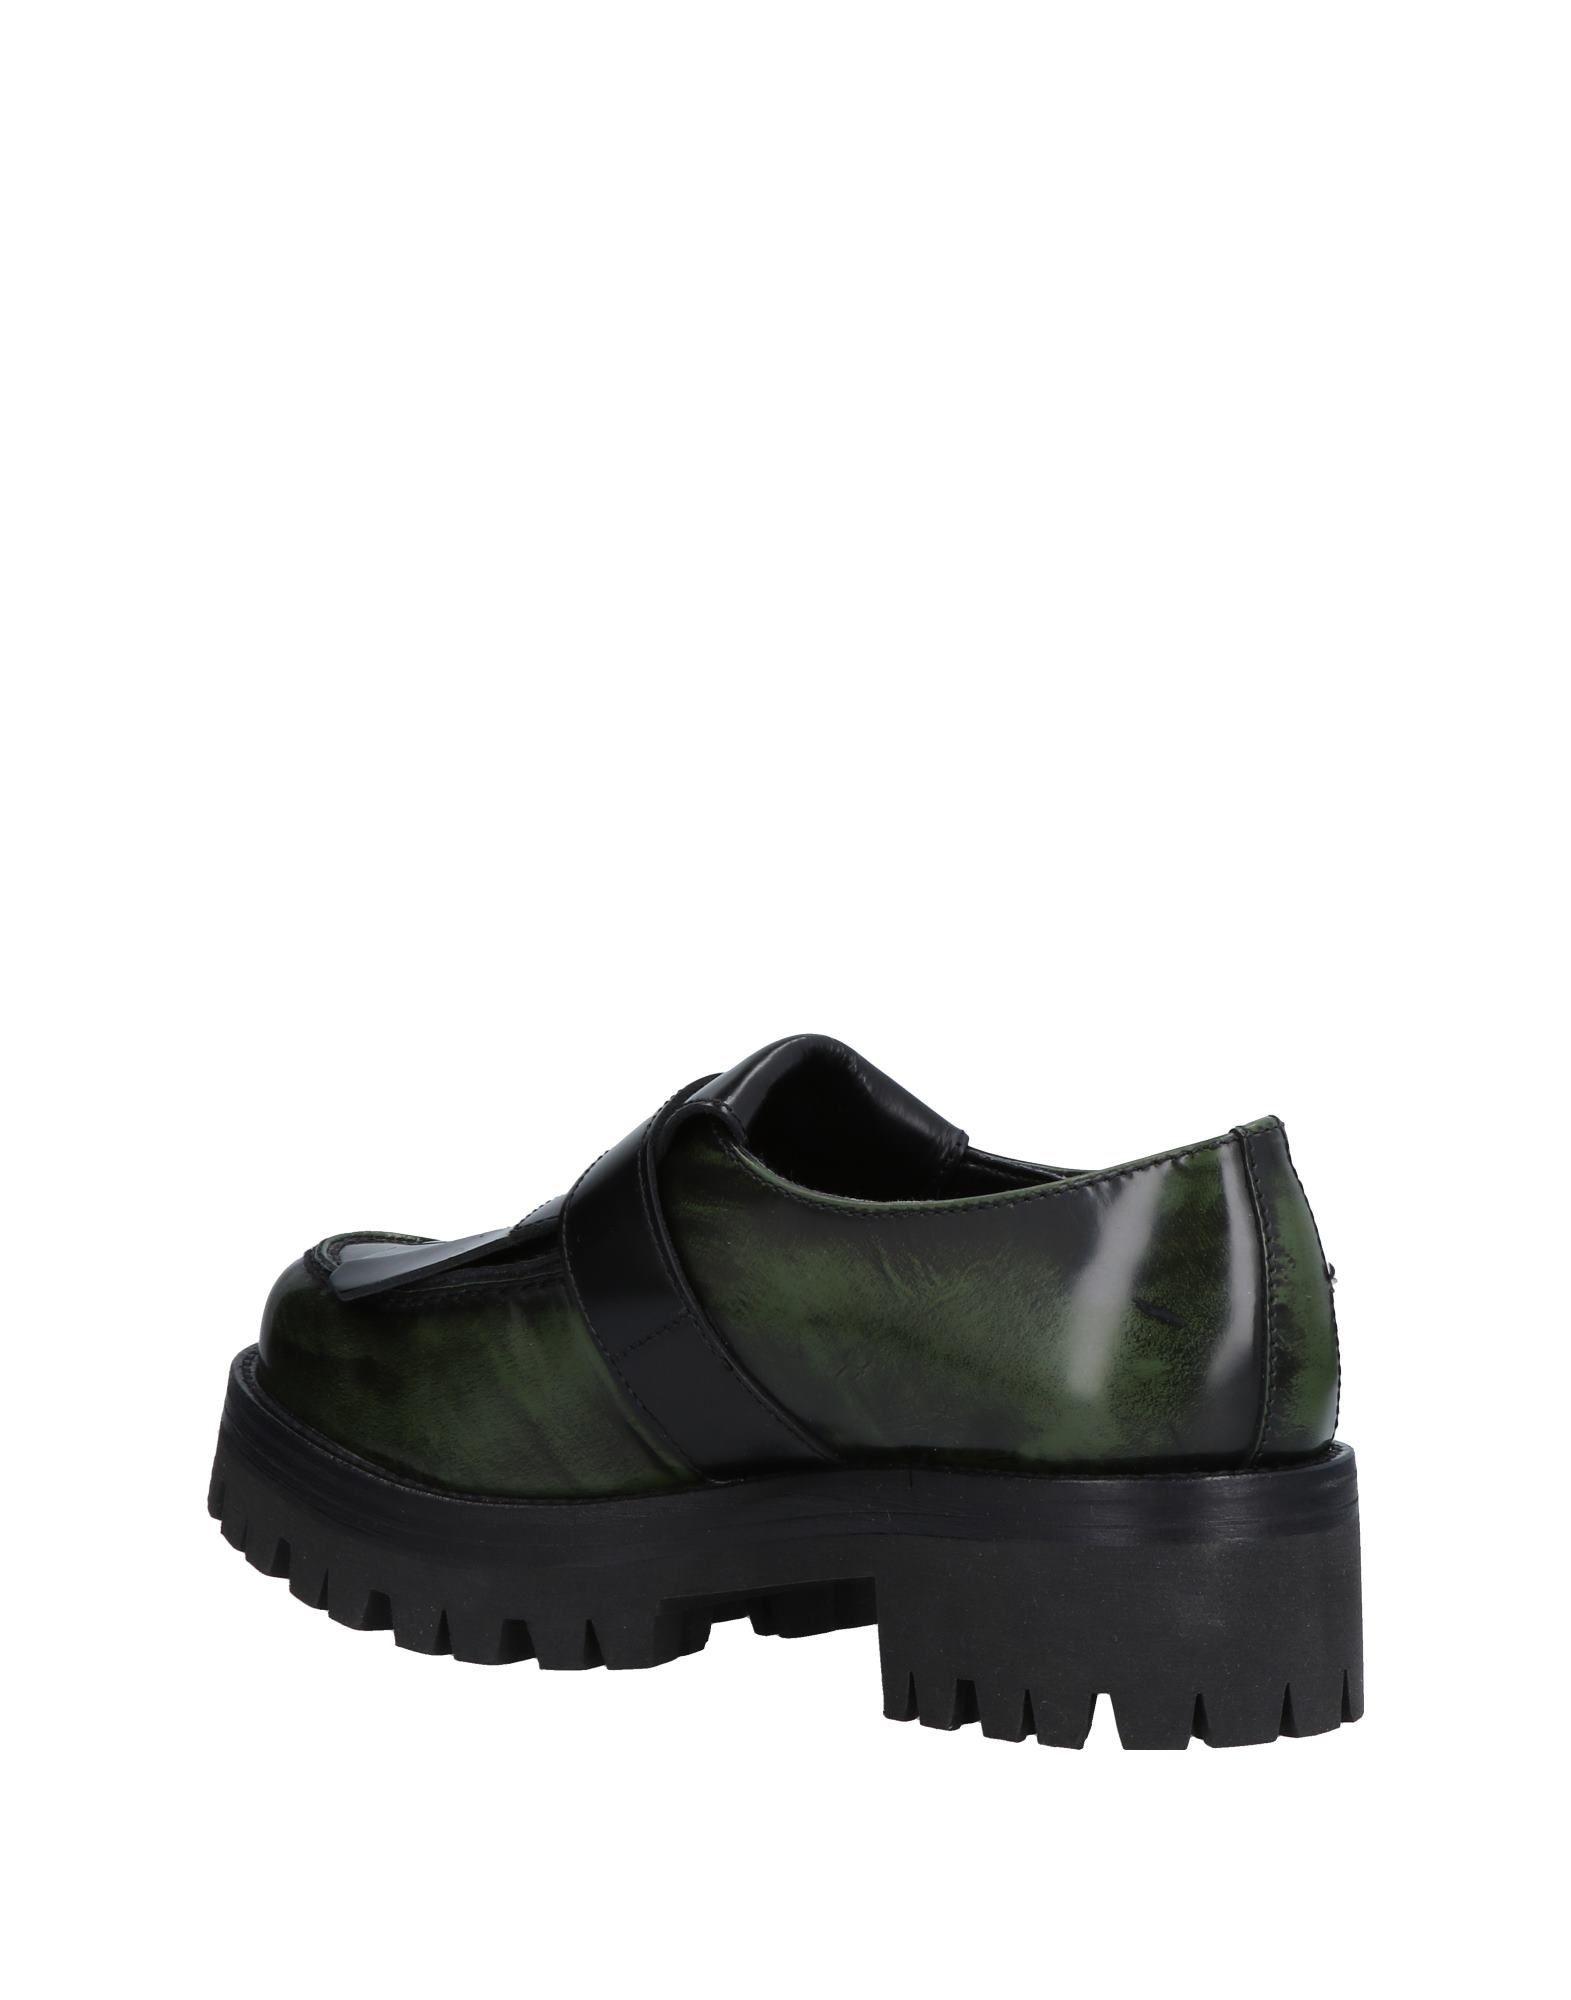 Footwear Cult Dark Green Women's Leather